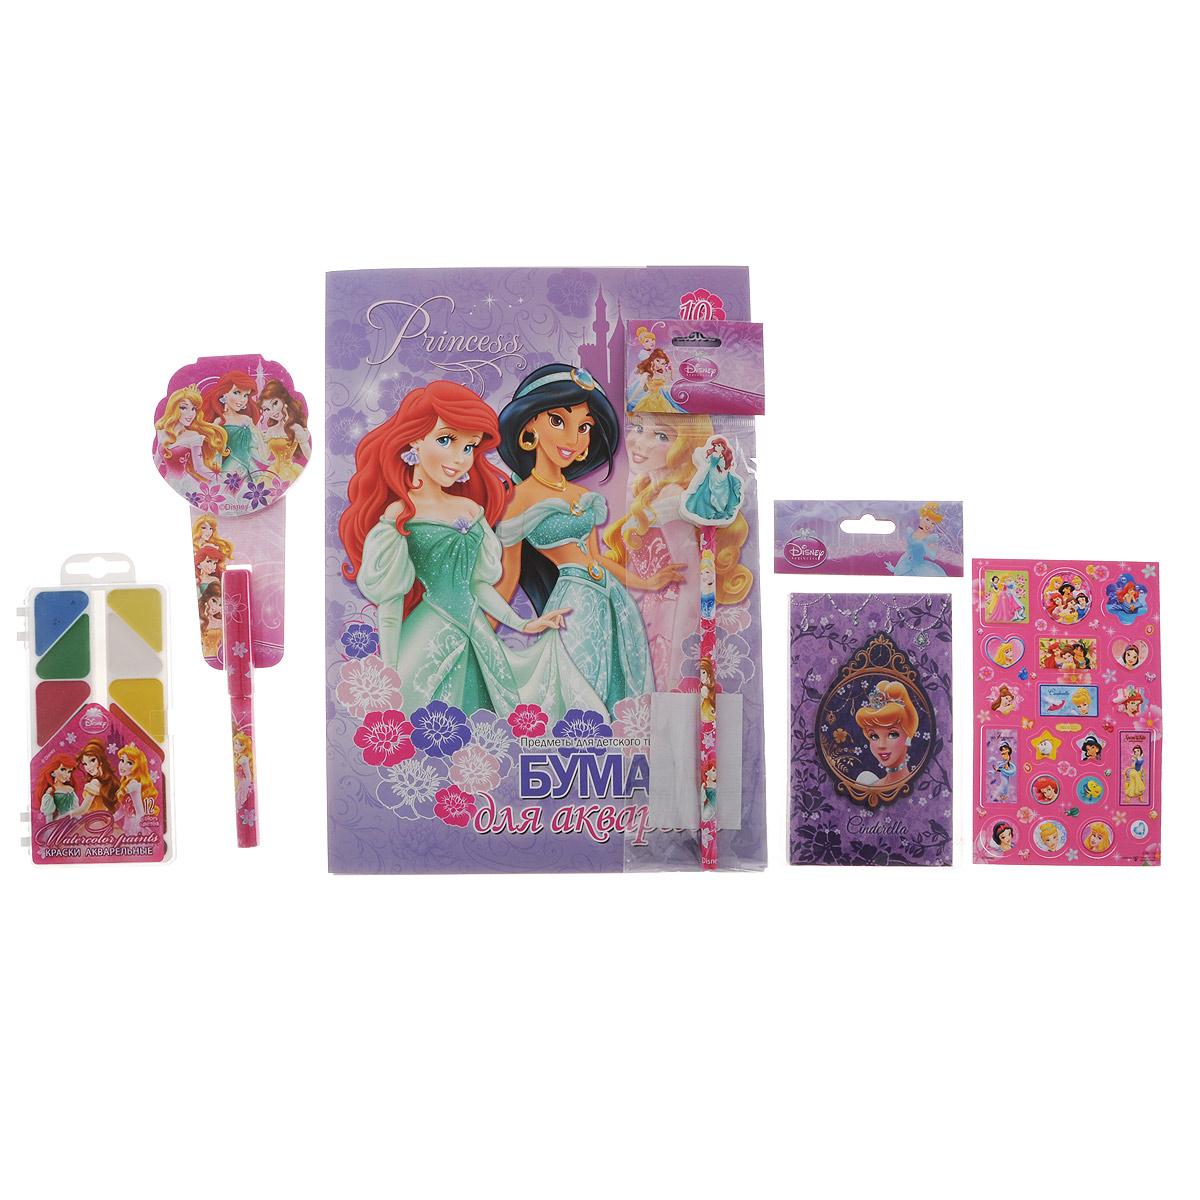 Подарочный канцелярский набор Disney Princess. PRСZ-US1-AZ15-BOX2PRСZ-US1-AZ15-BOX2Канцелярский набор Disney Princess станет незаменимым атрибутом в учебе любой школьницы. Он включает в себя 10 листов бумаги для акварели, чернографитный карандаш с ластиком, телефонную книжку, лист с объемными стикерами, акварельные краски в футляре (12 цветов), небольшой блокнотик и ручку. Все предметы набора оформлены изображениями диснеевских принцесс. Упакован набор в картонную подарочную упаковку. УВАЖАЕМЫЕ КЛИЕНТЫ! Обращаем ваше внимание на возможные изменения в дизайне предметов набора, связанные с ассортиментом продукции. Поставка осуществляется в зависимости от наличия на складе.